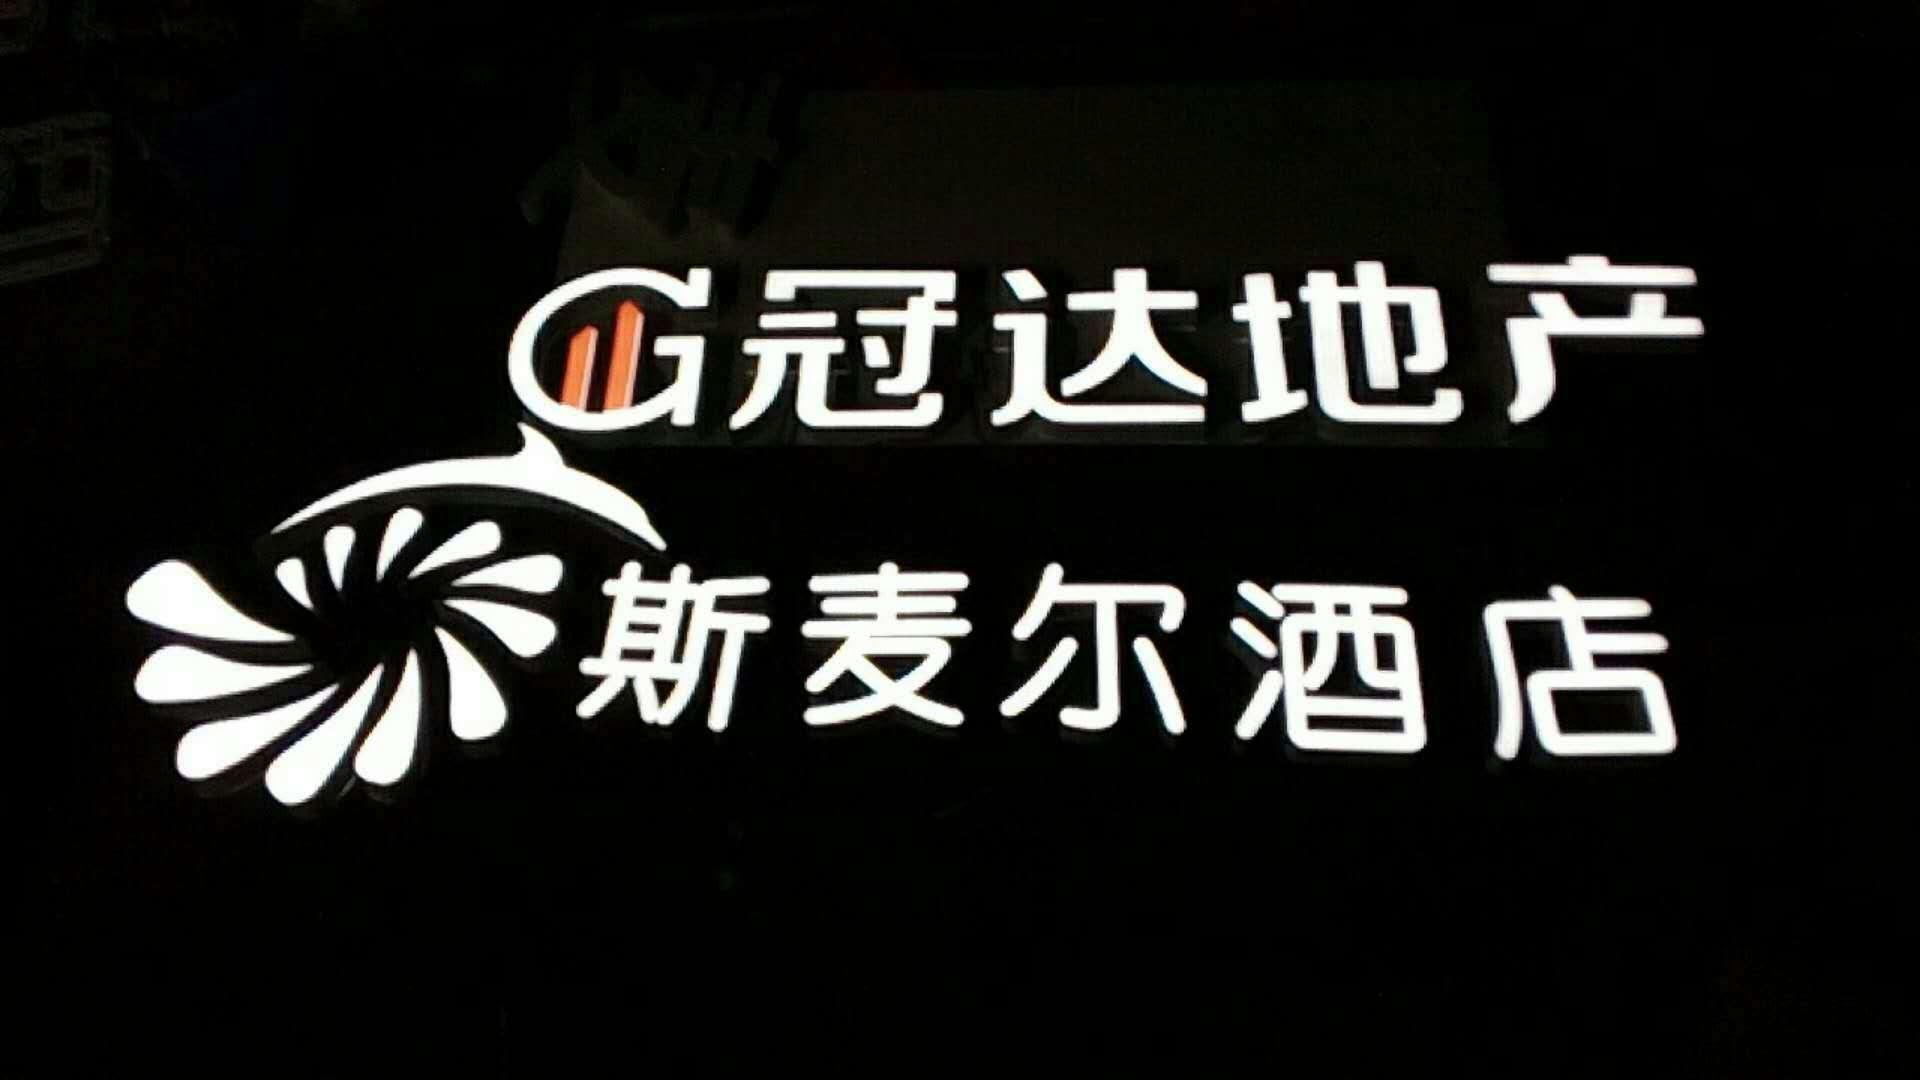 镀锌板平面发光字|镀锌板平面发光字-重庆金巨和文化传播有限公司